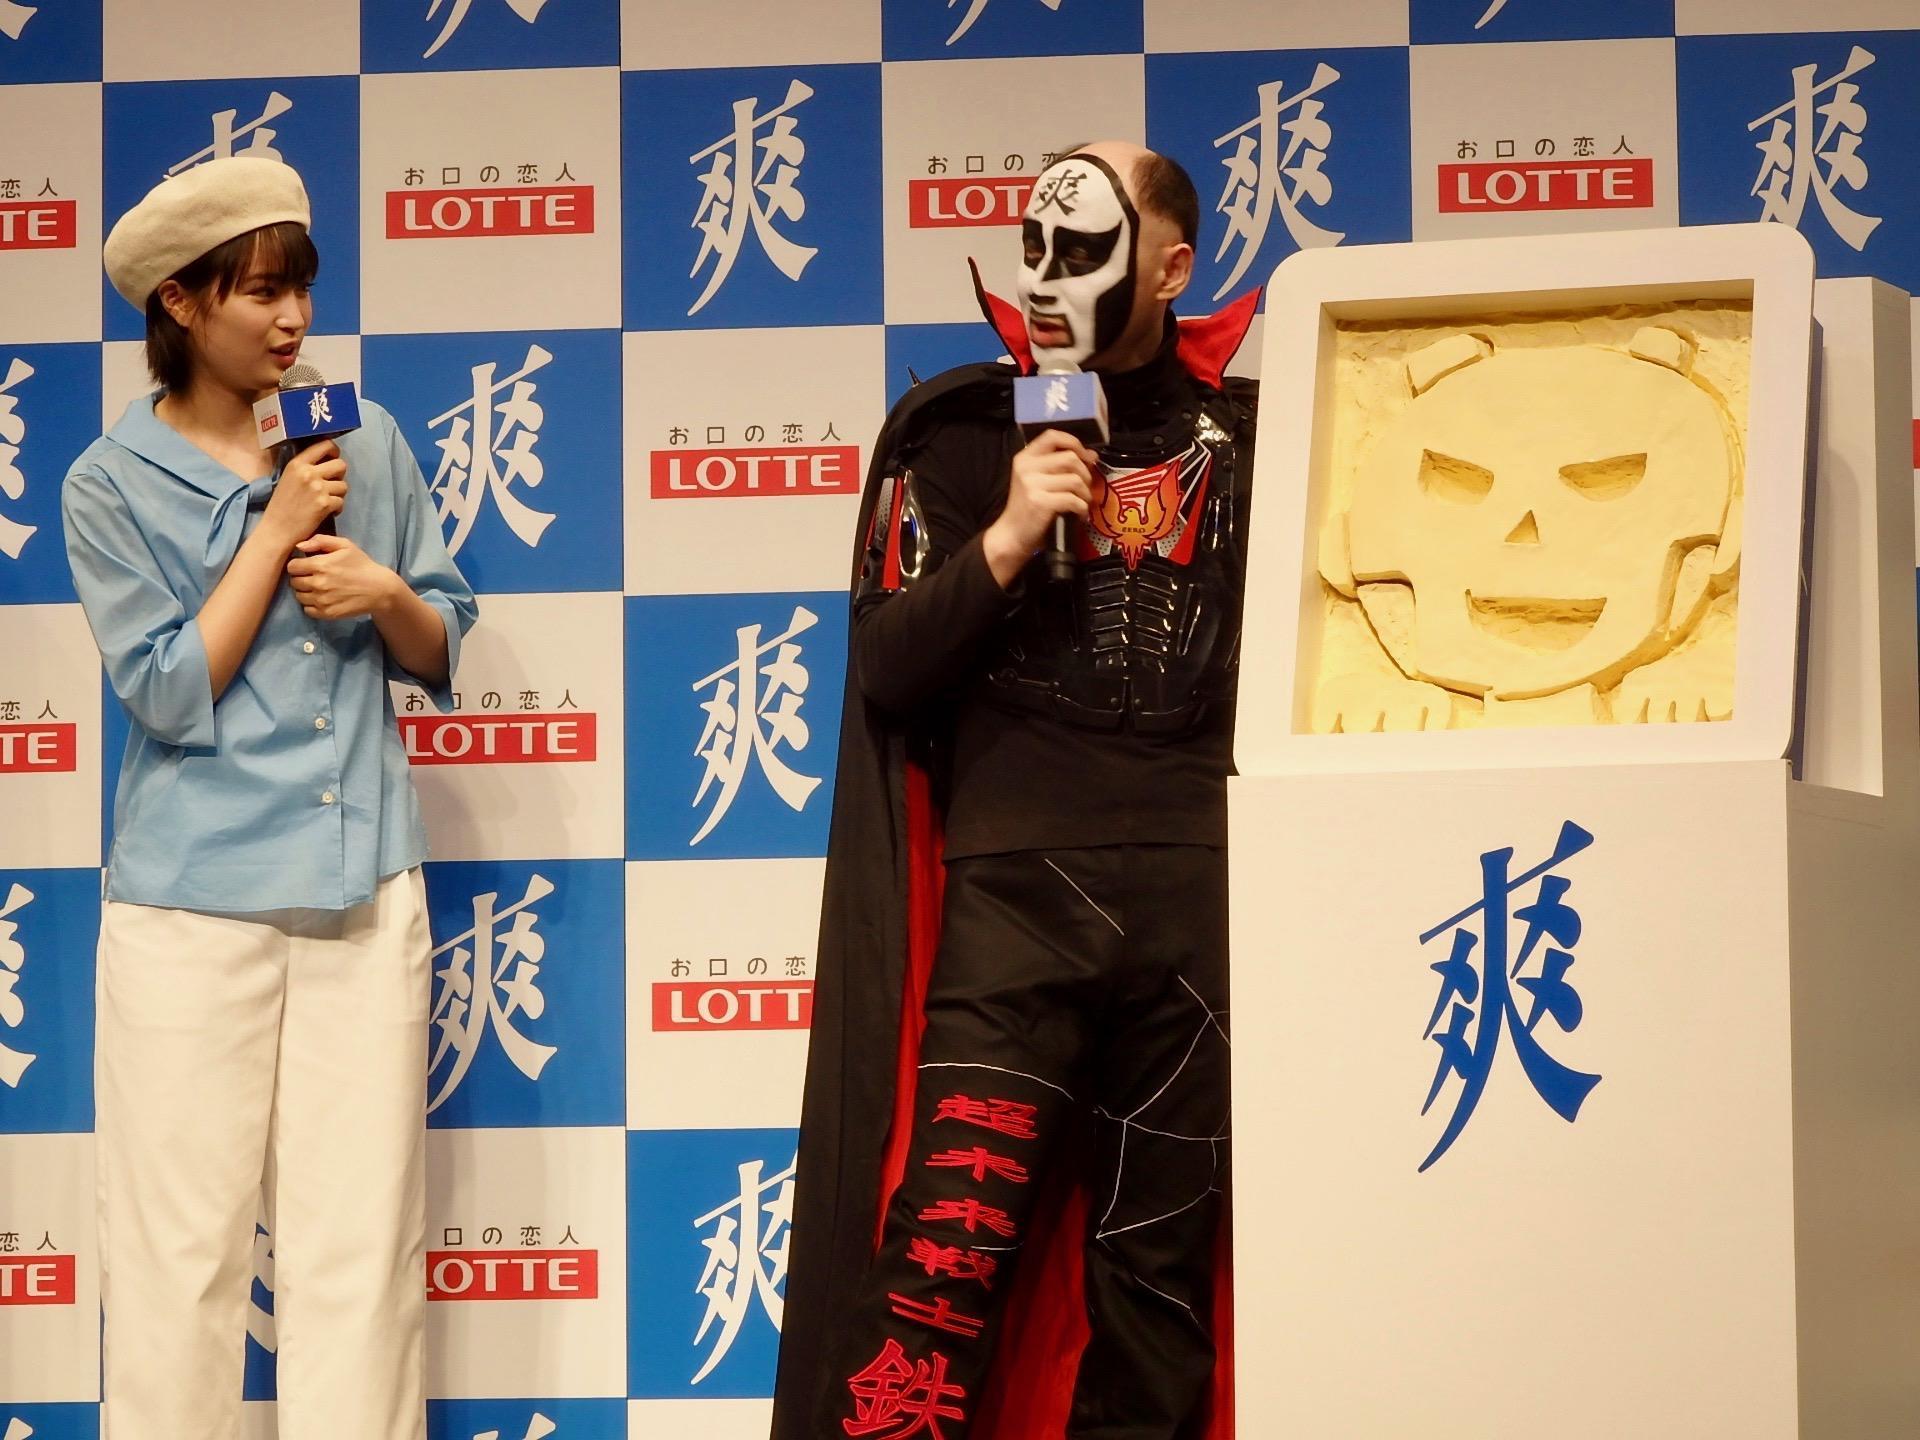 http://news.yoshimoto.co.jp/20180612212536-95b8adef900b2c98f85e8f66ac4775b2f77dc442.jpg